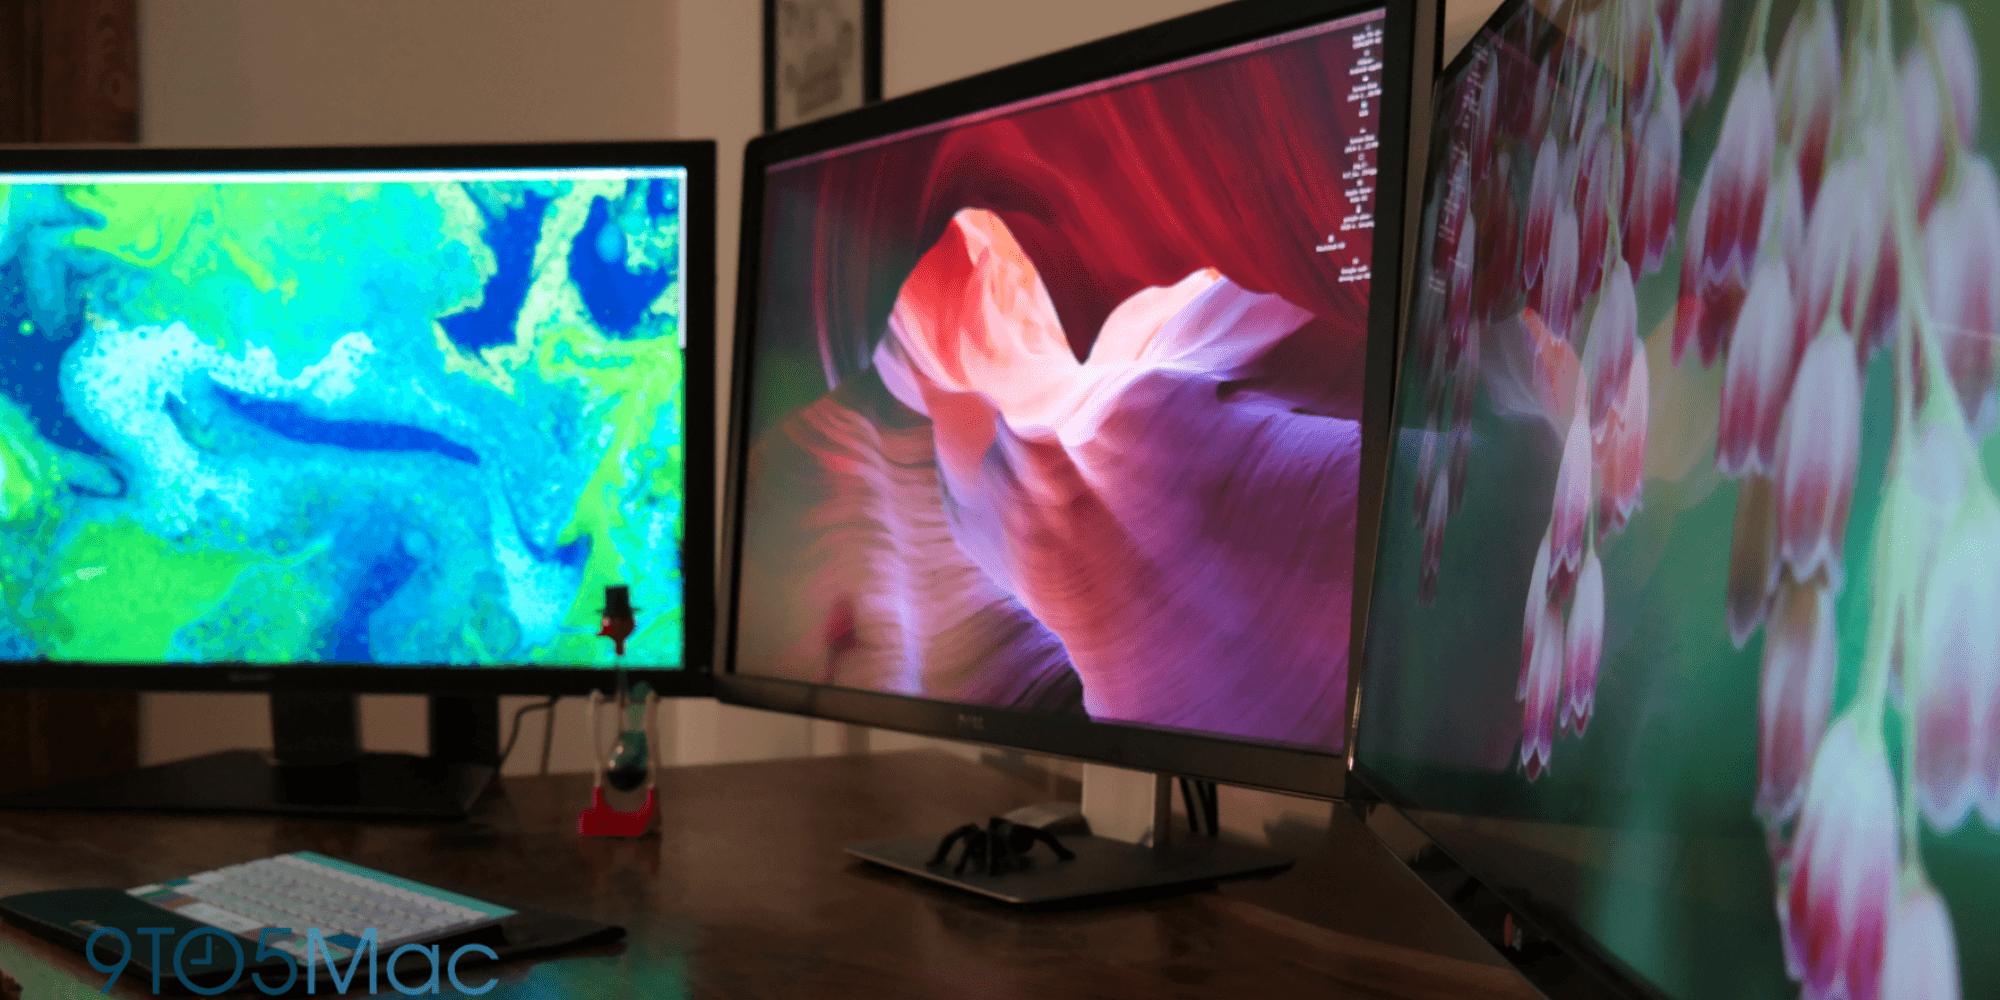 I migliori monitor per Mac con risoluzione 4K e 5K: guida all'acquisto